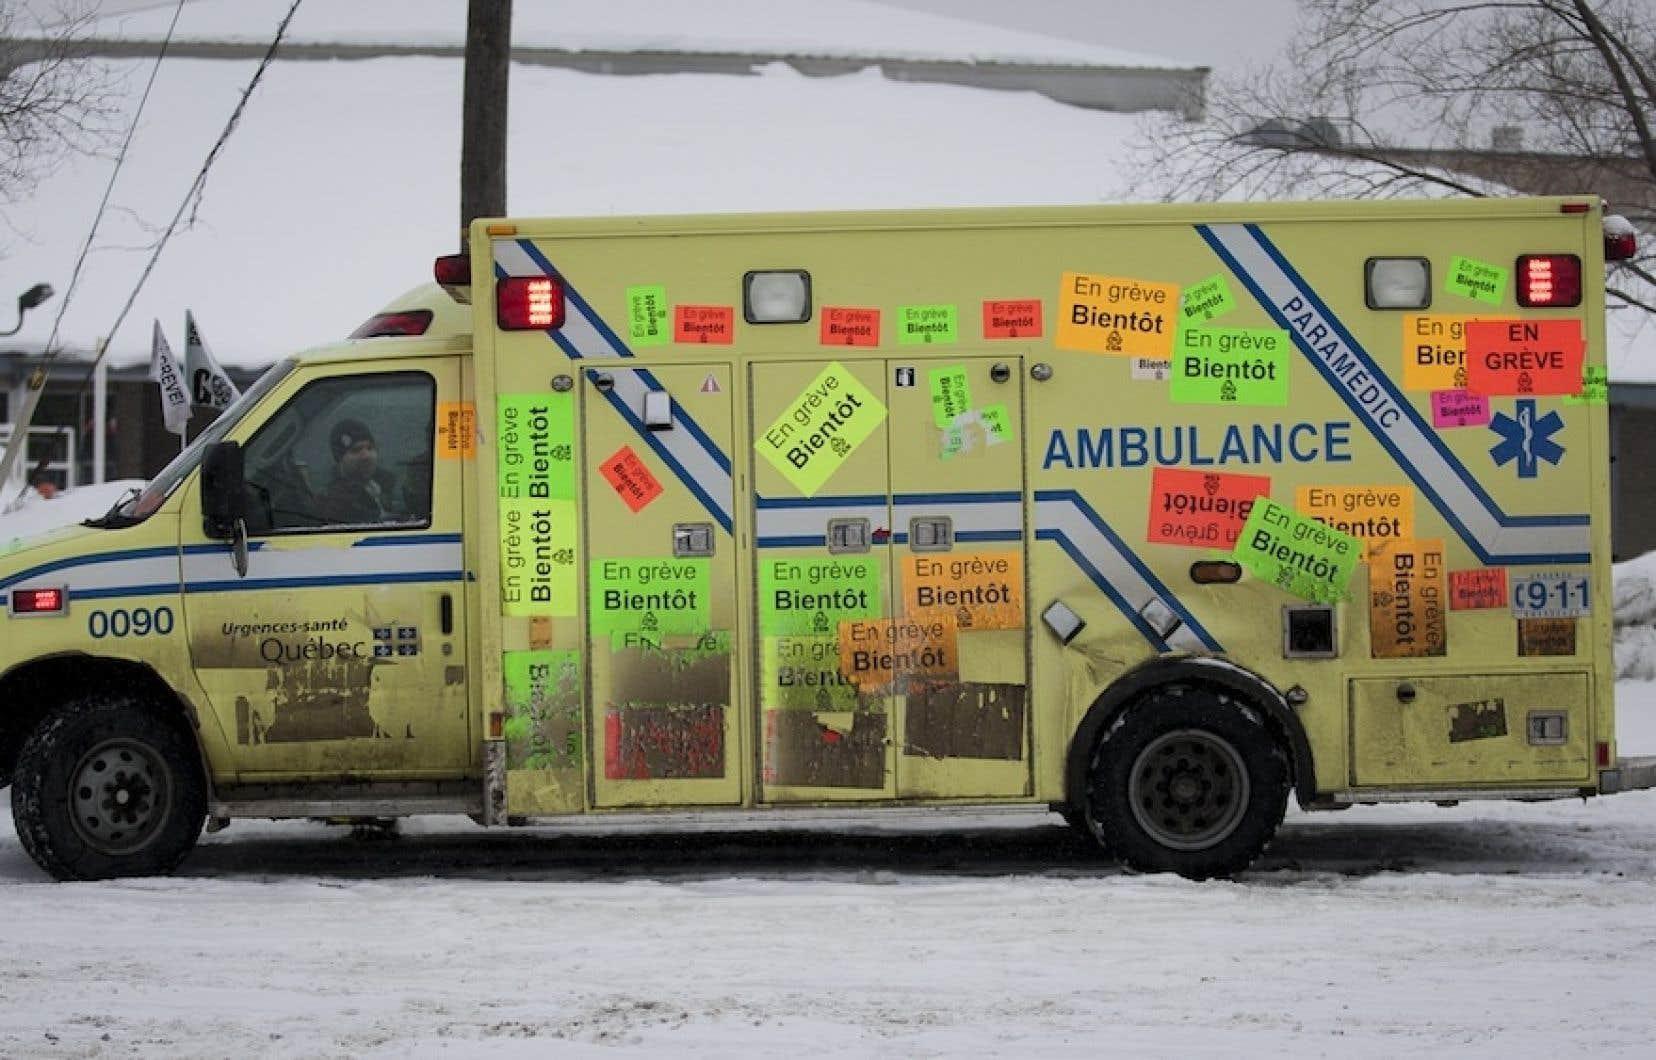 Sans contrat de travail depuis 2010, les ambulanciers en grève menaçaient d'accroître les moyens de pression à défaut d'un déblocage dans les pourparlers.